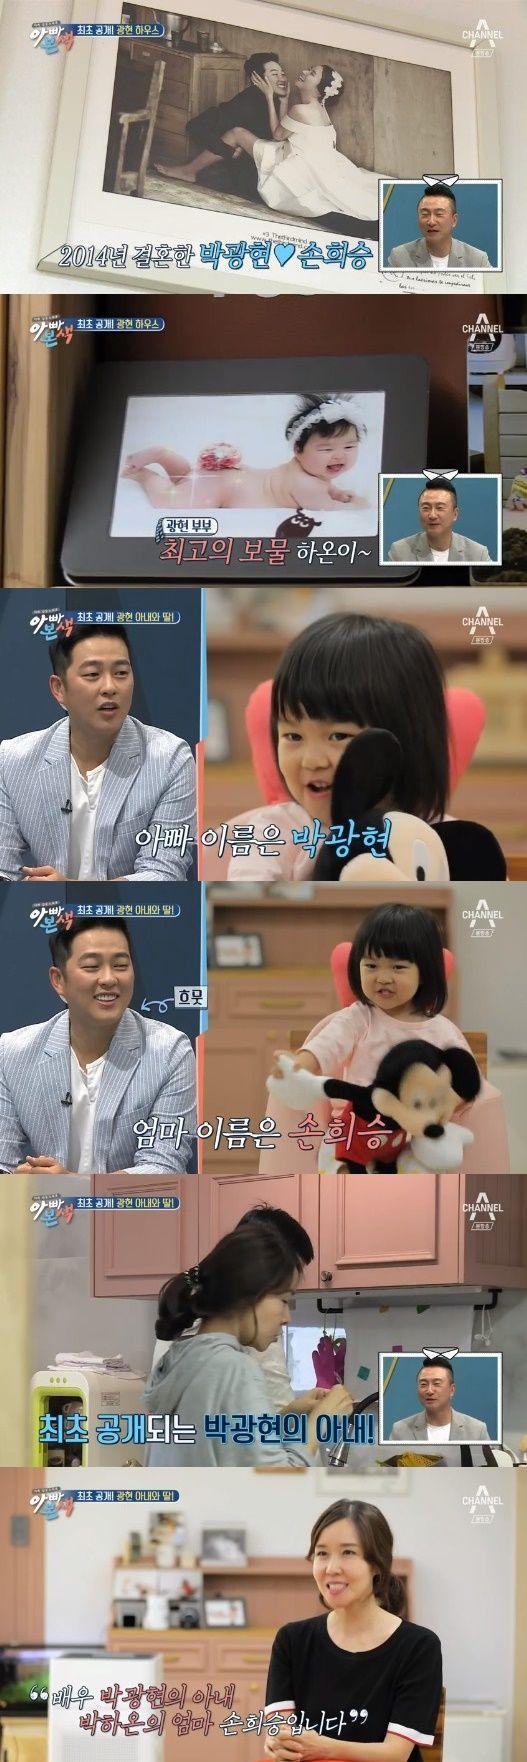 '아빠본색' 박광현 아내 손희승 최초 공개, 연극배우+단아한 미모